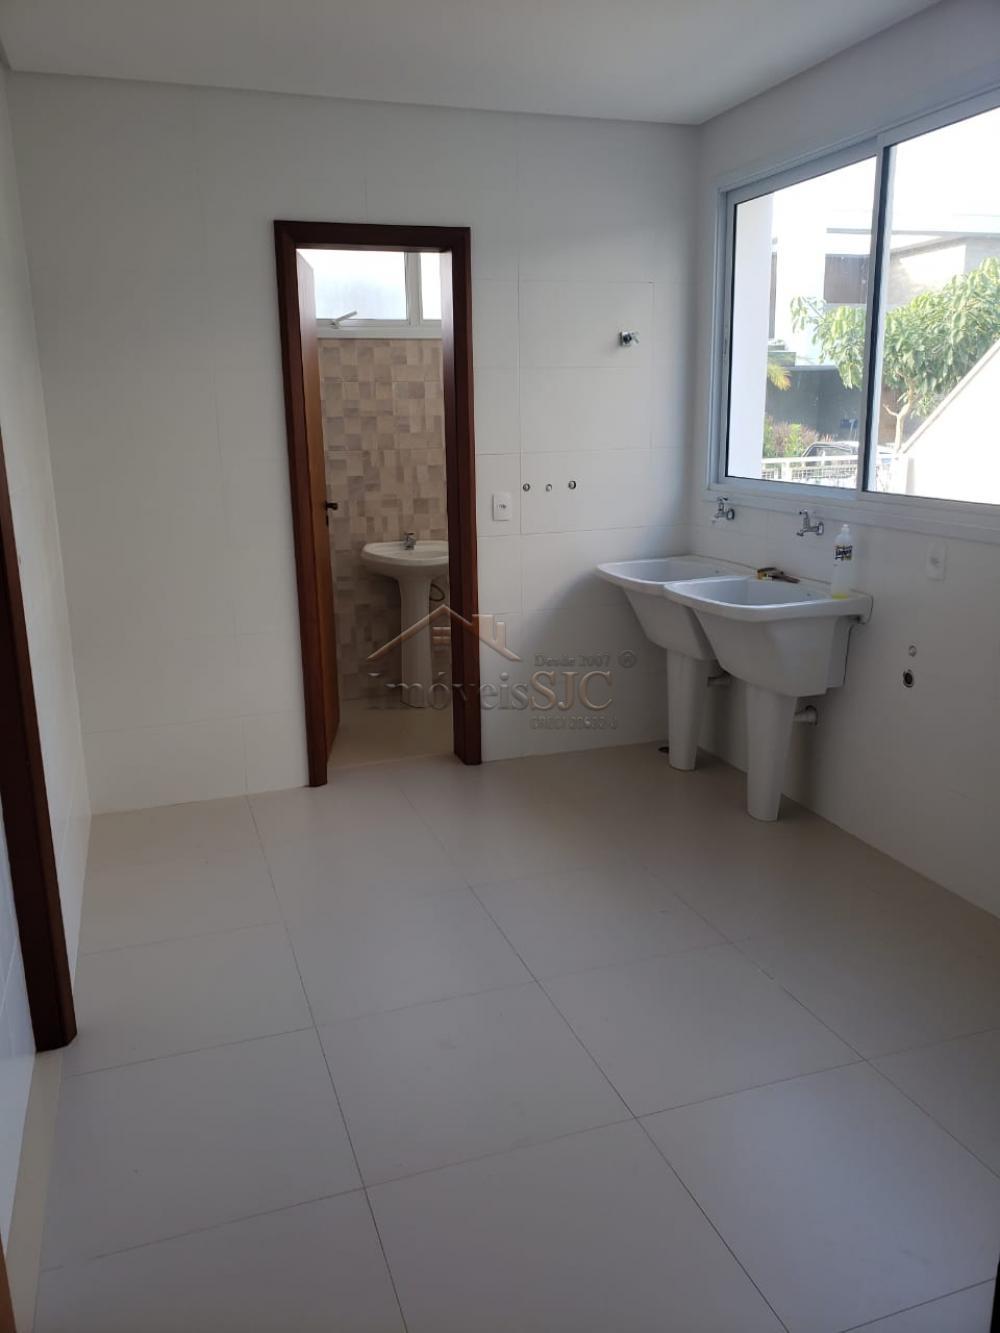 Comprar Casas / Condomínio em São José dos Campos apenas R$ 2.200.000,00 - Foto 6